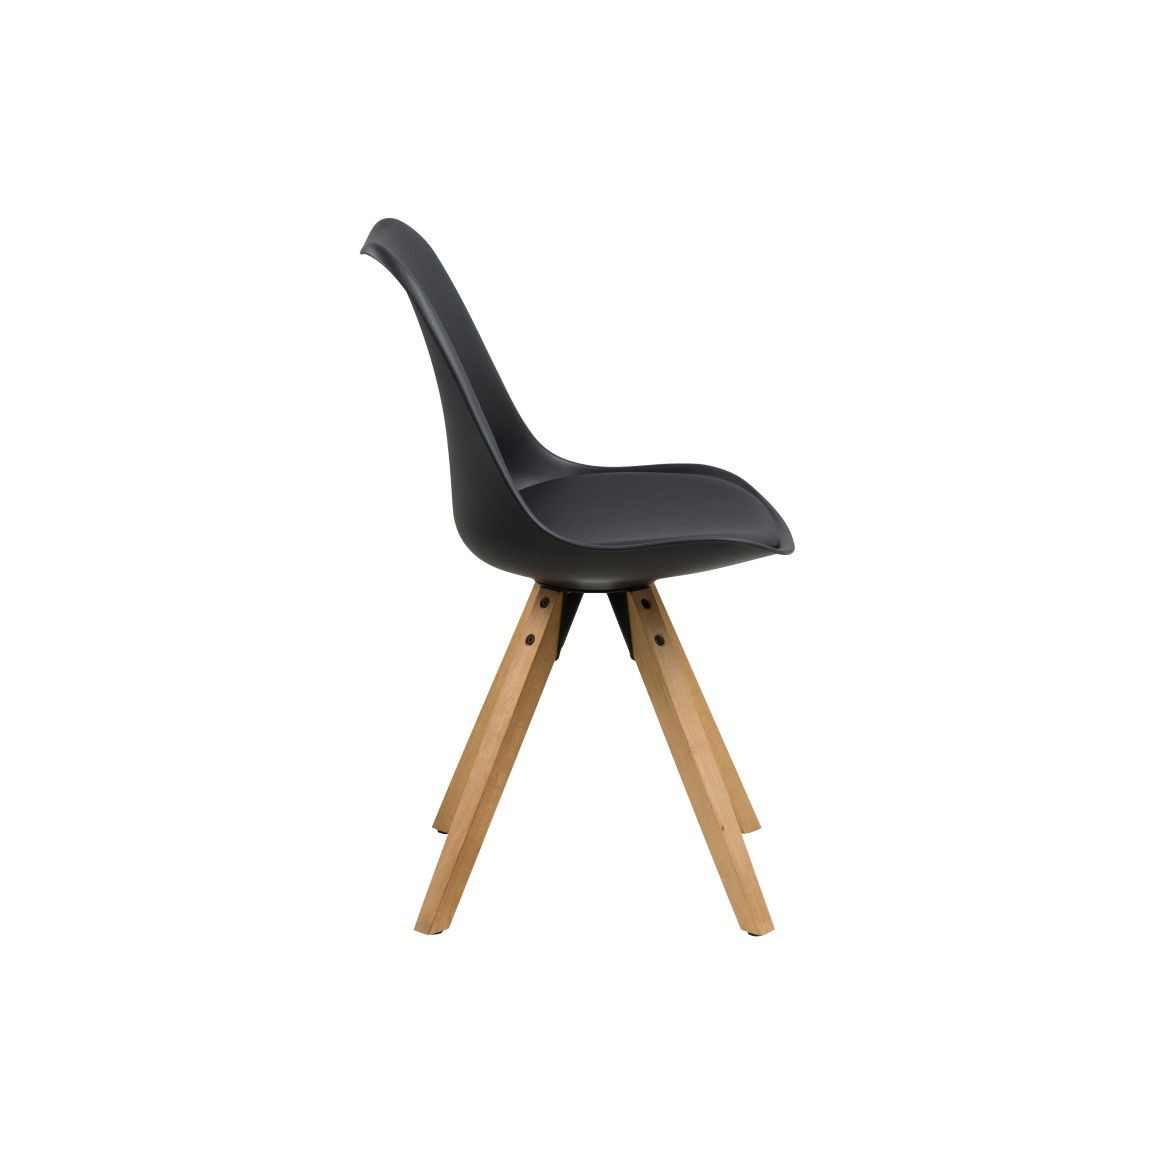 Stühle Nida | 2er-Set | Schwarz und Holz